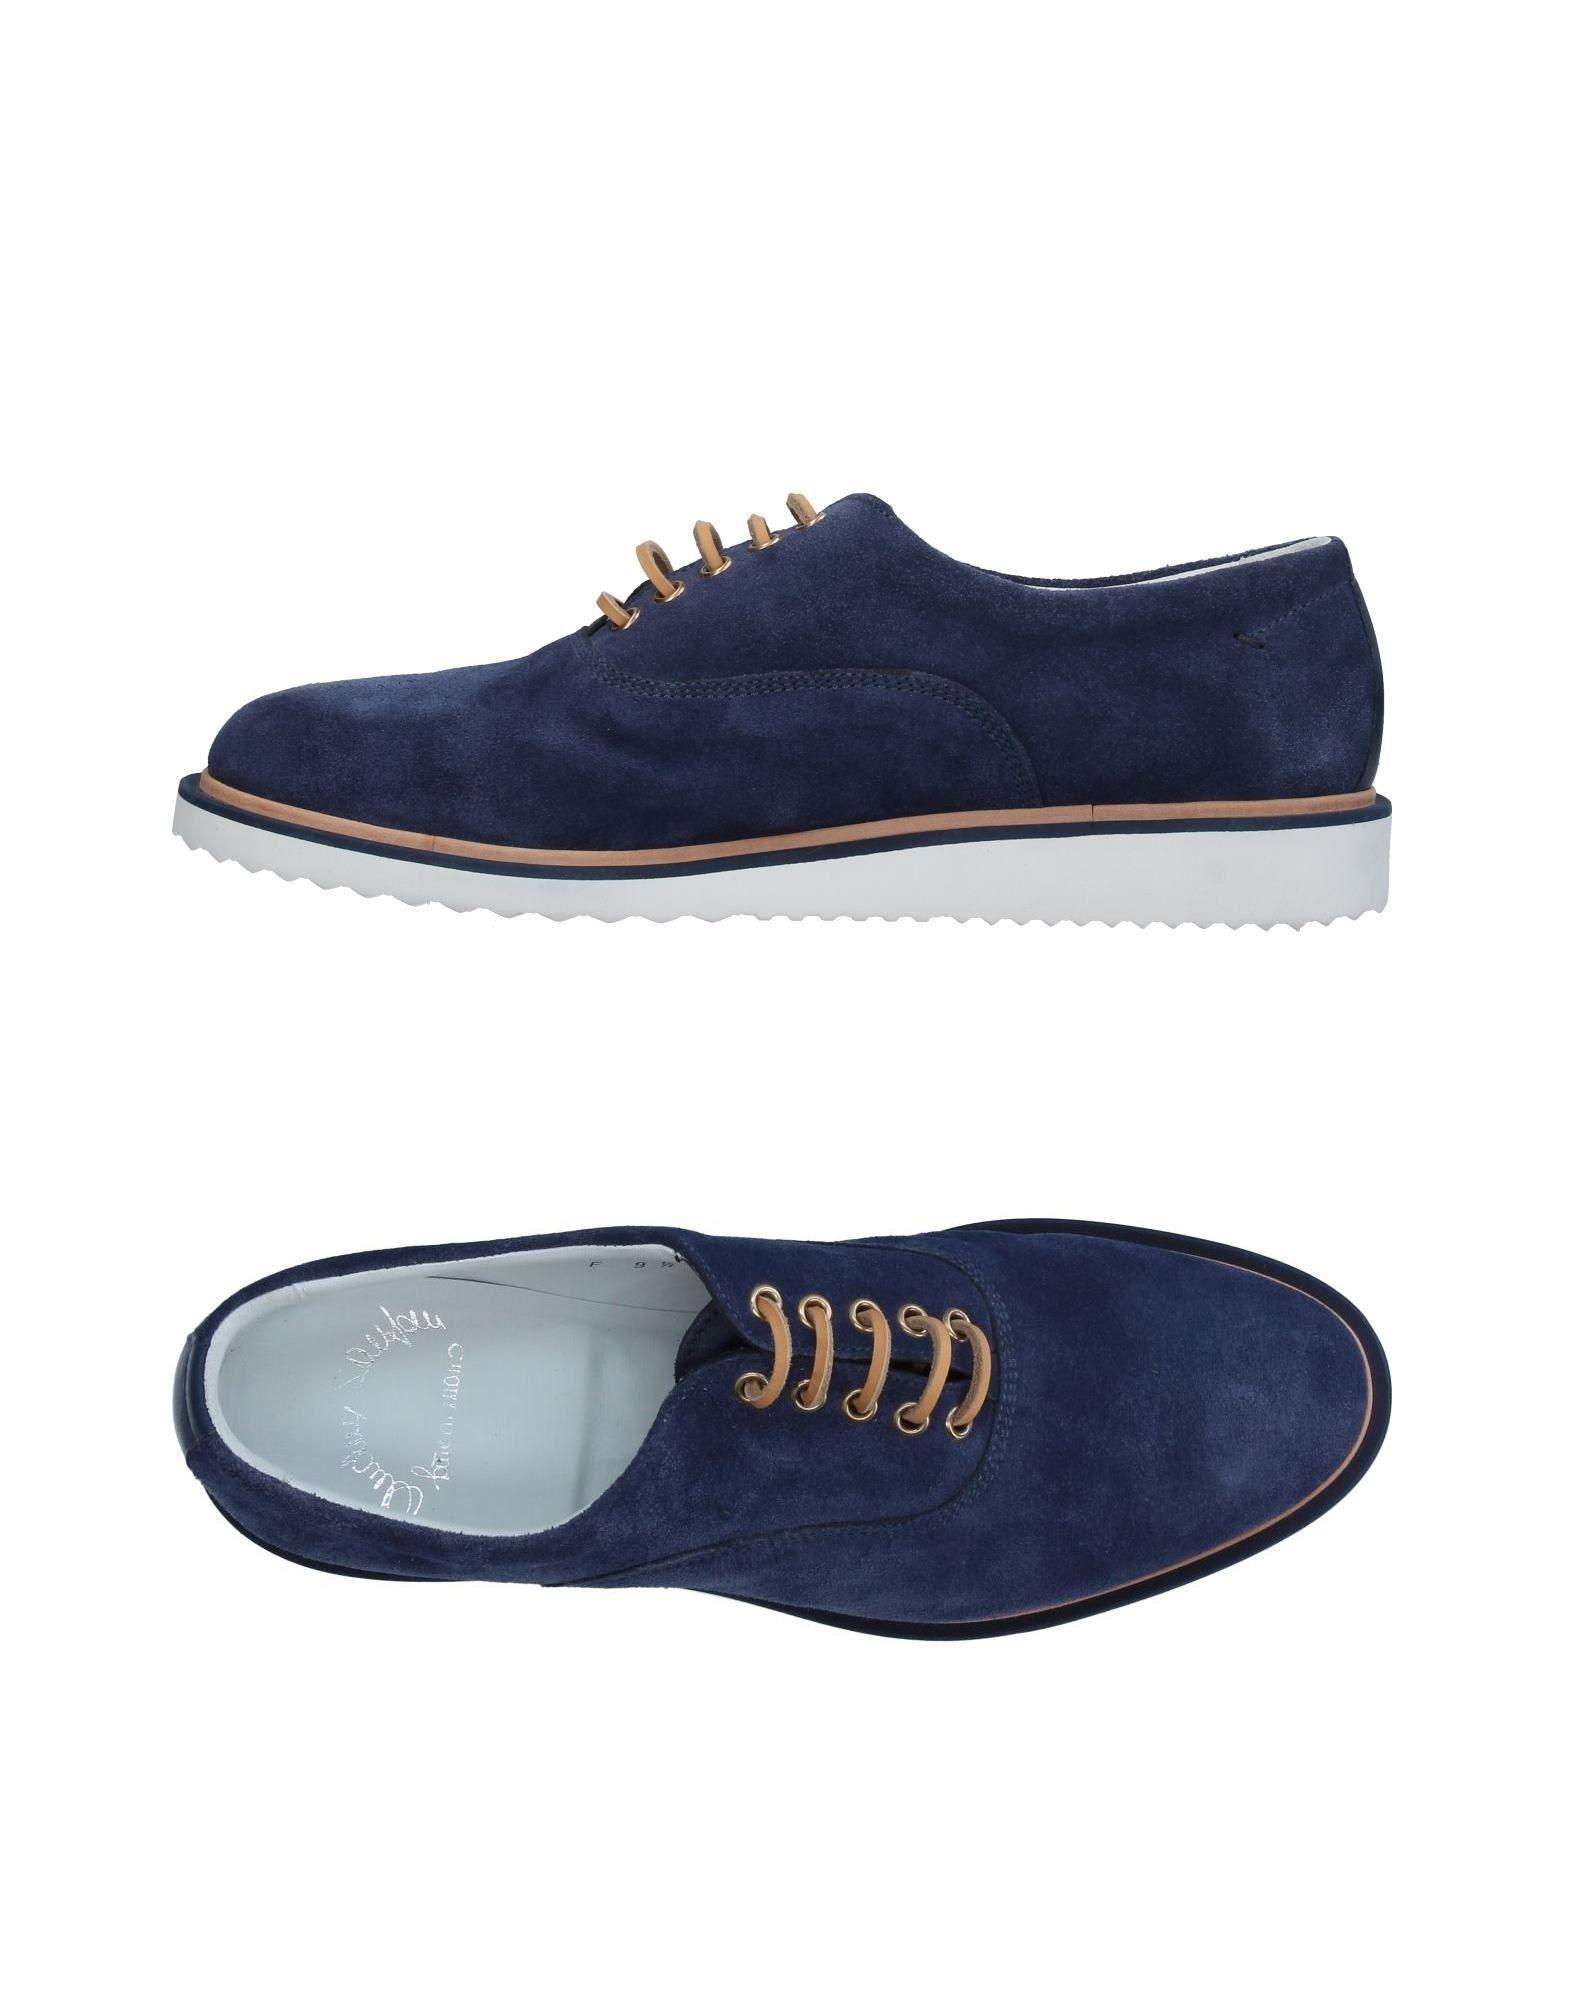 CHAUSSURES - Chaussures à lacetsBERNARDO M Saa9uk8L